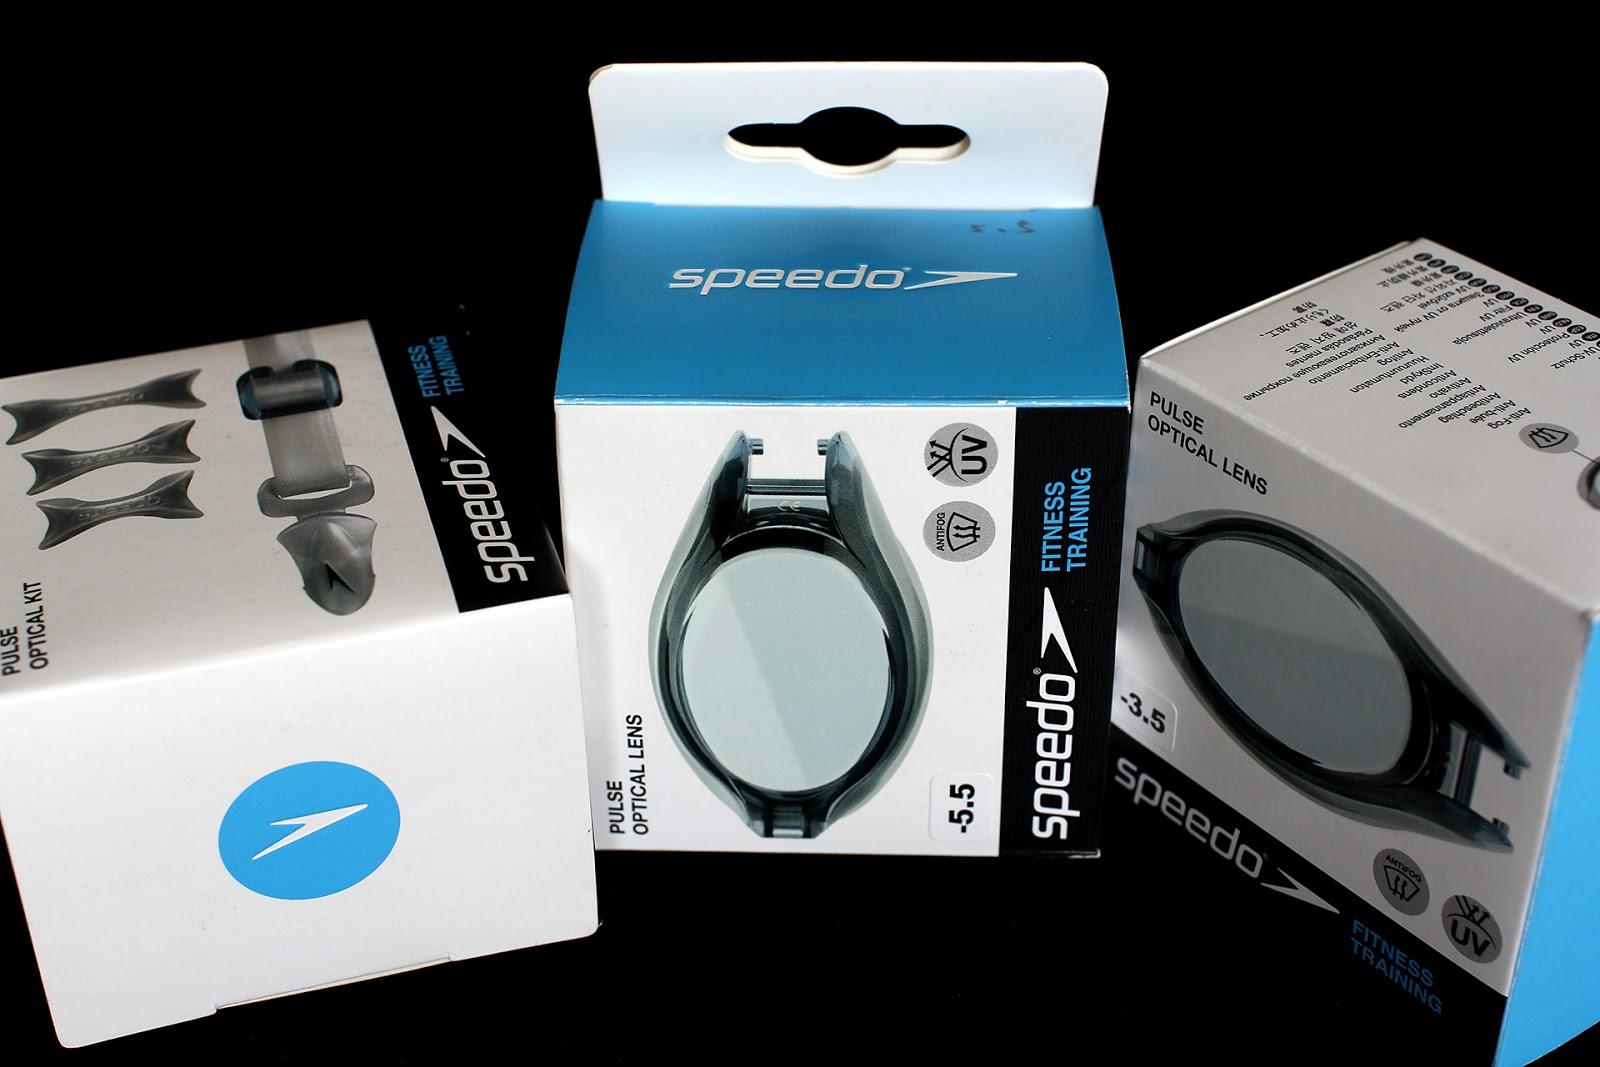 無話不說 肆意妄談: speedo Pulse Optical lens 泳鏡開箱及使用心得分享 SD8023093539